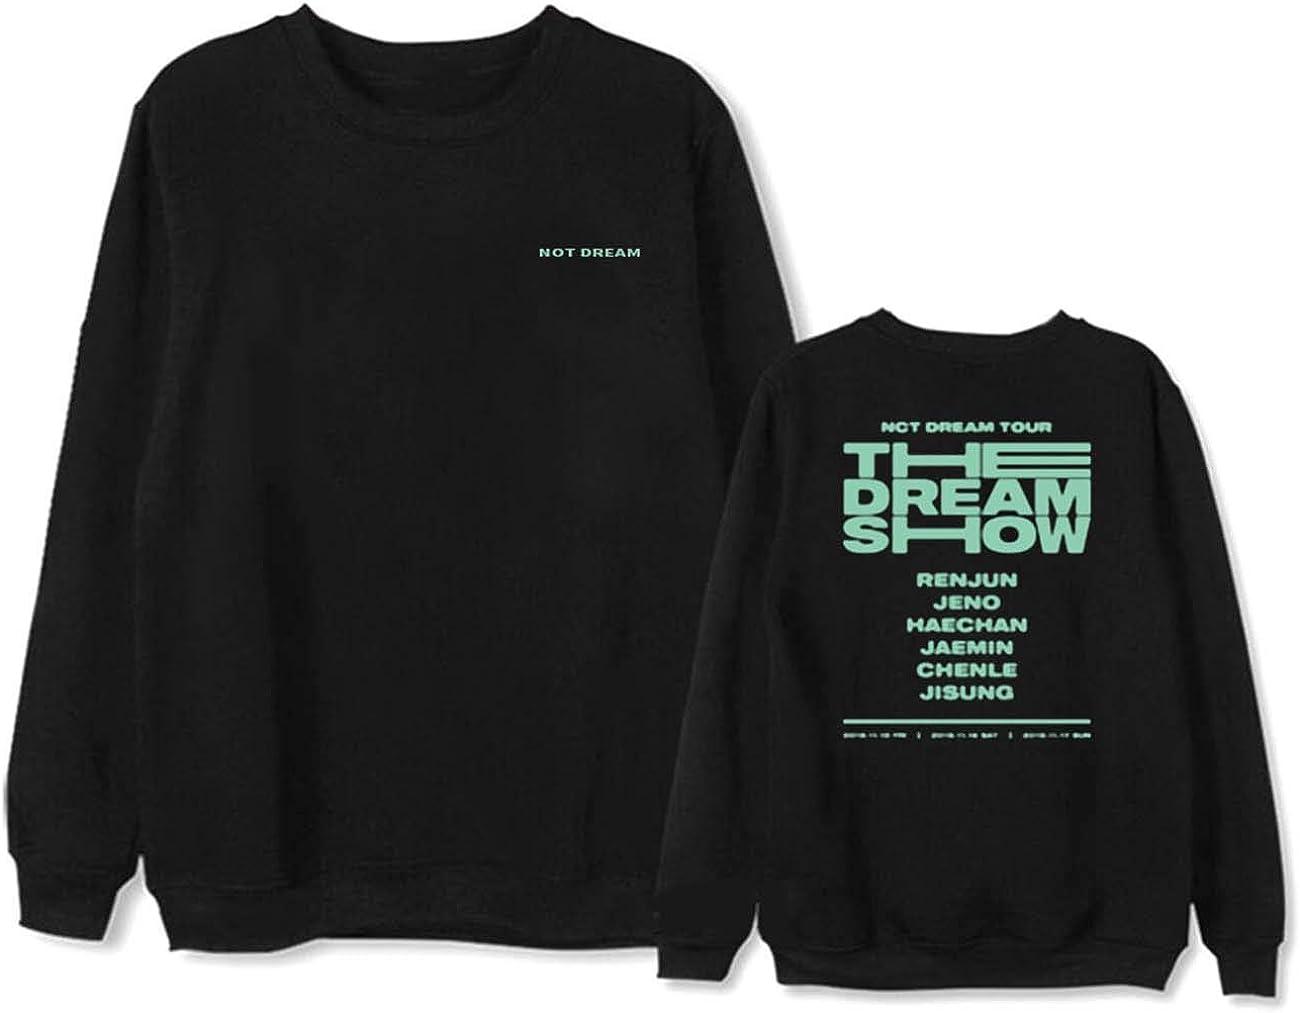 ZIGJOY NCT Dream Tour The Dream Show Sweatshirt Lange /Ärmel Rundhalspullover Jeno Haechan Jaemin Chenle Jisung Hoodie f/ür Fans